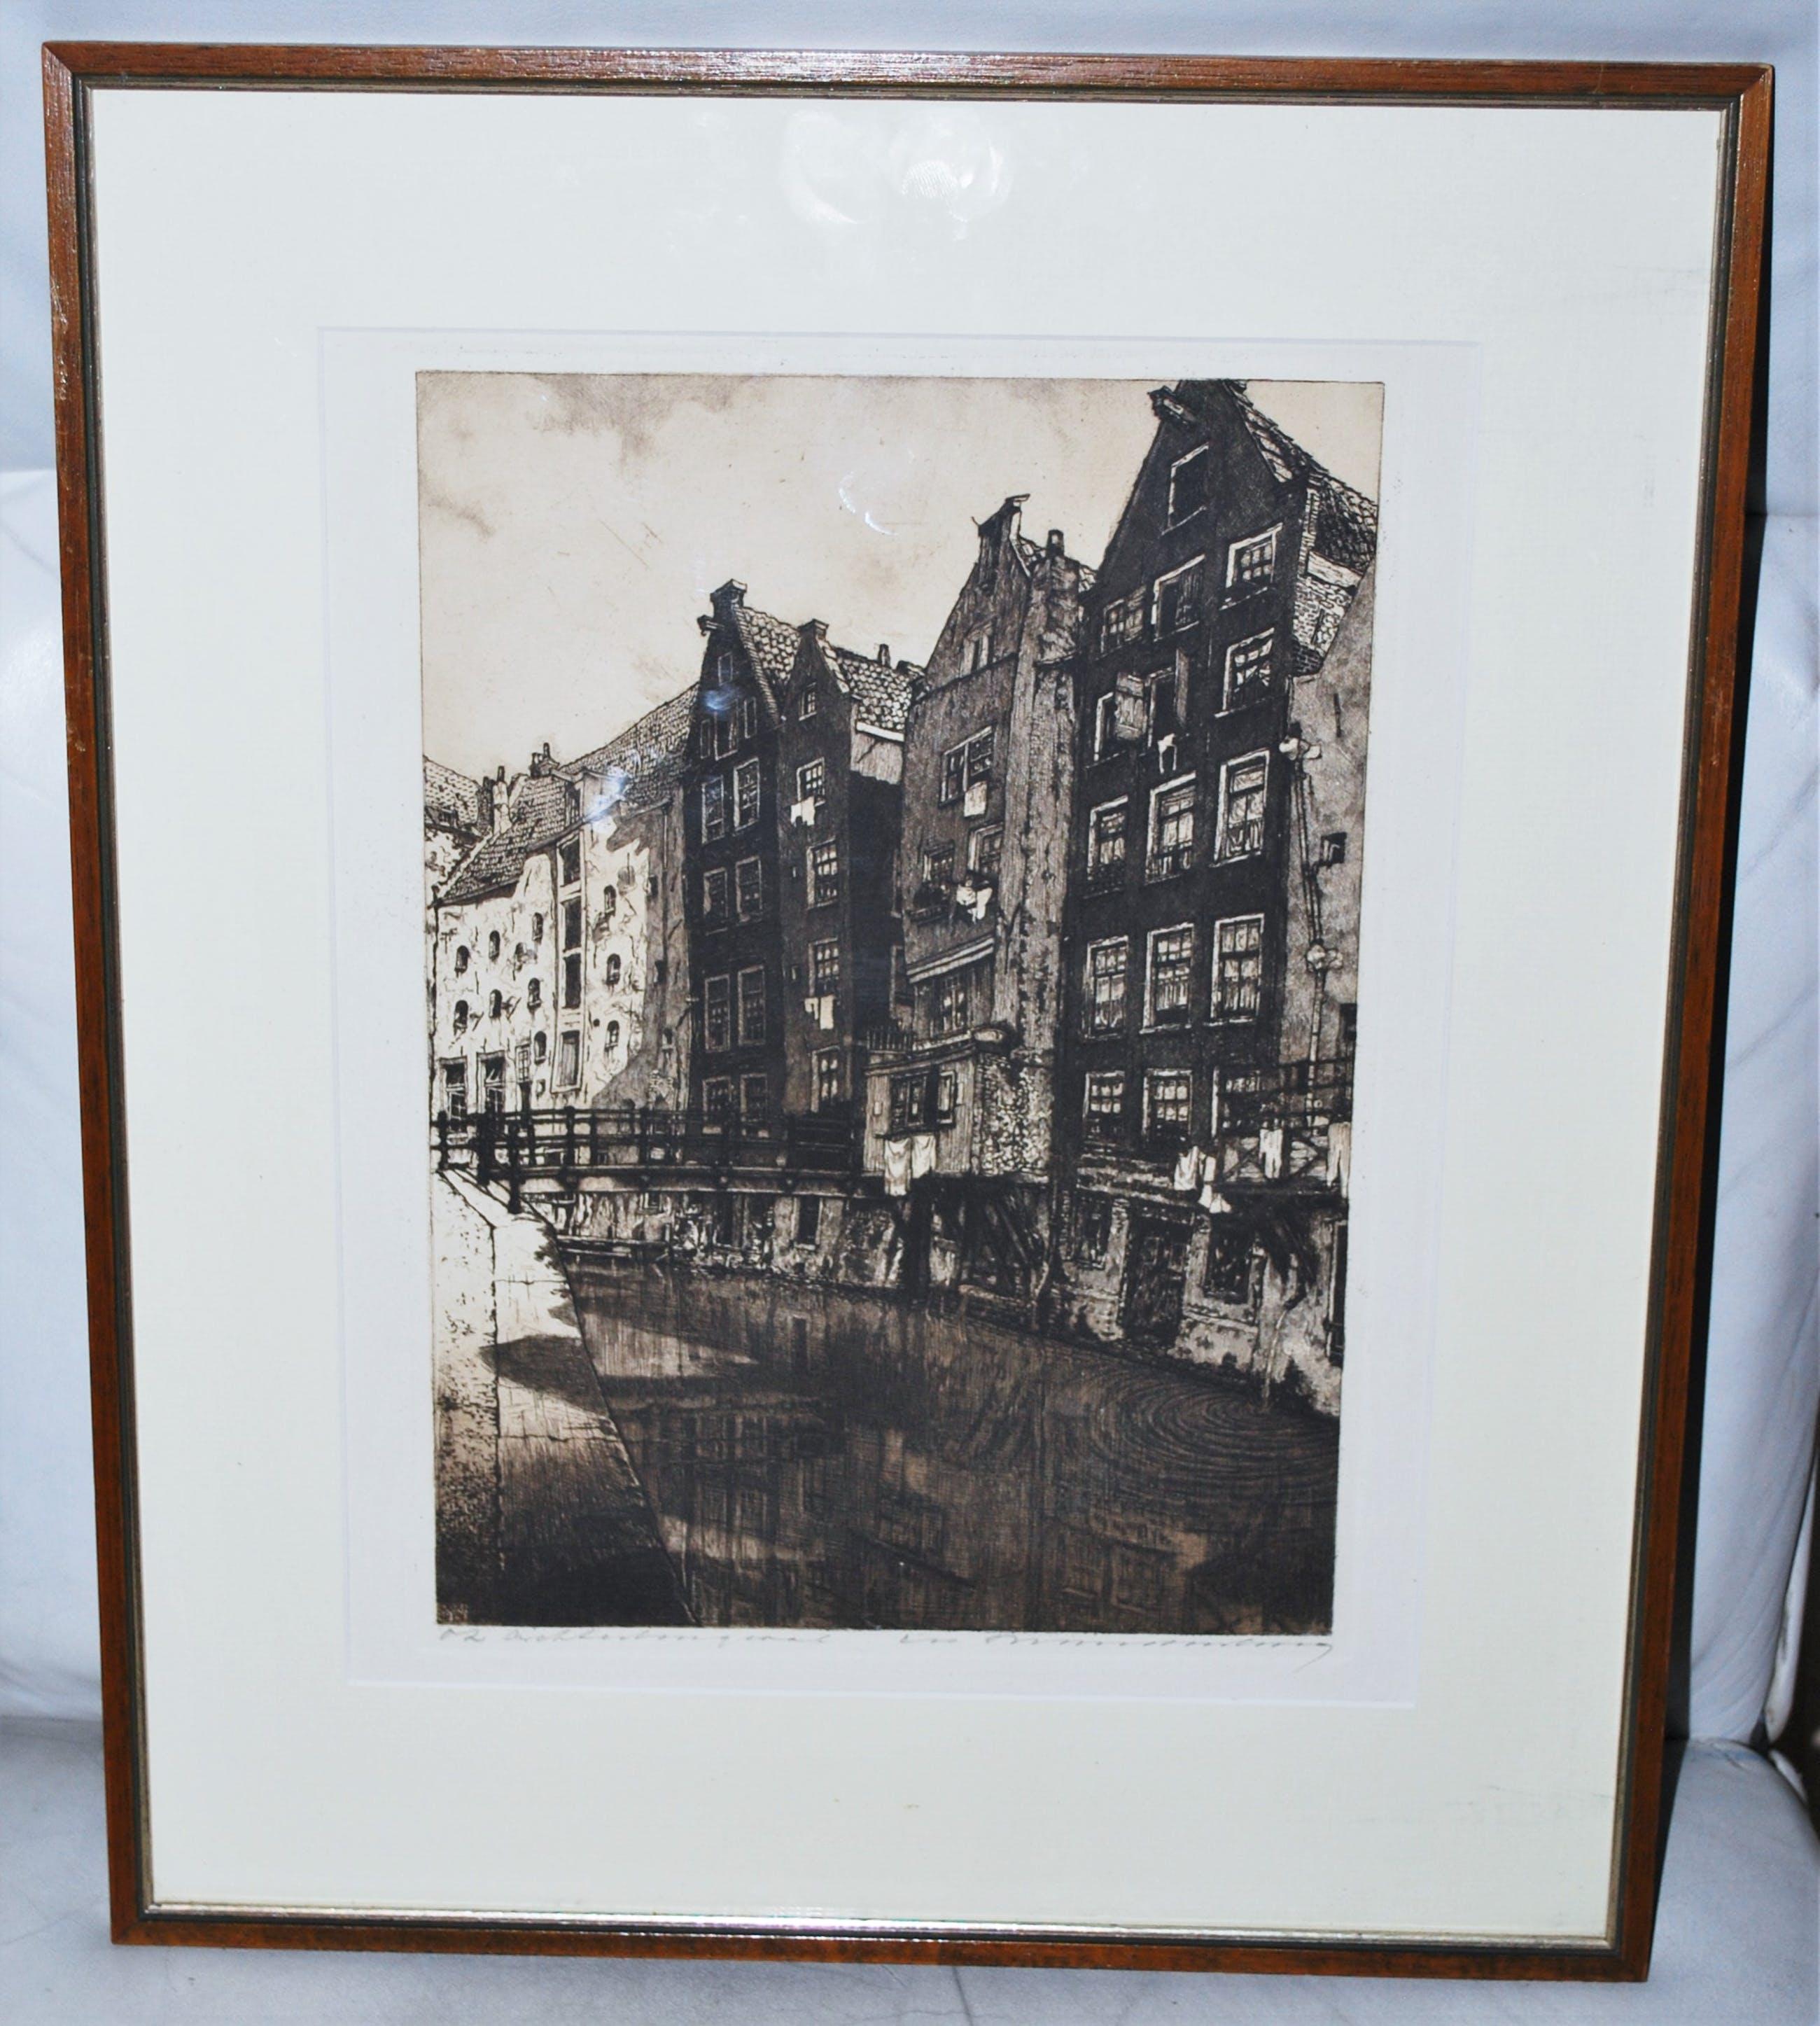 Cornelis Brandenburg - Heldere ets van de O.Z. Achterburgwal Amsterdam kopen? Bied vanaf 70!